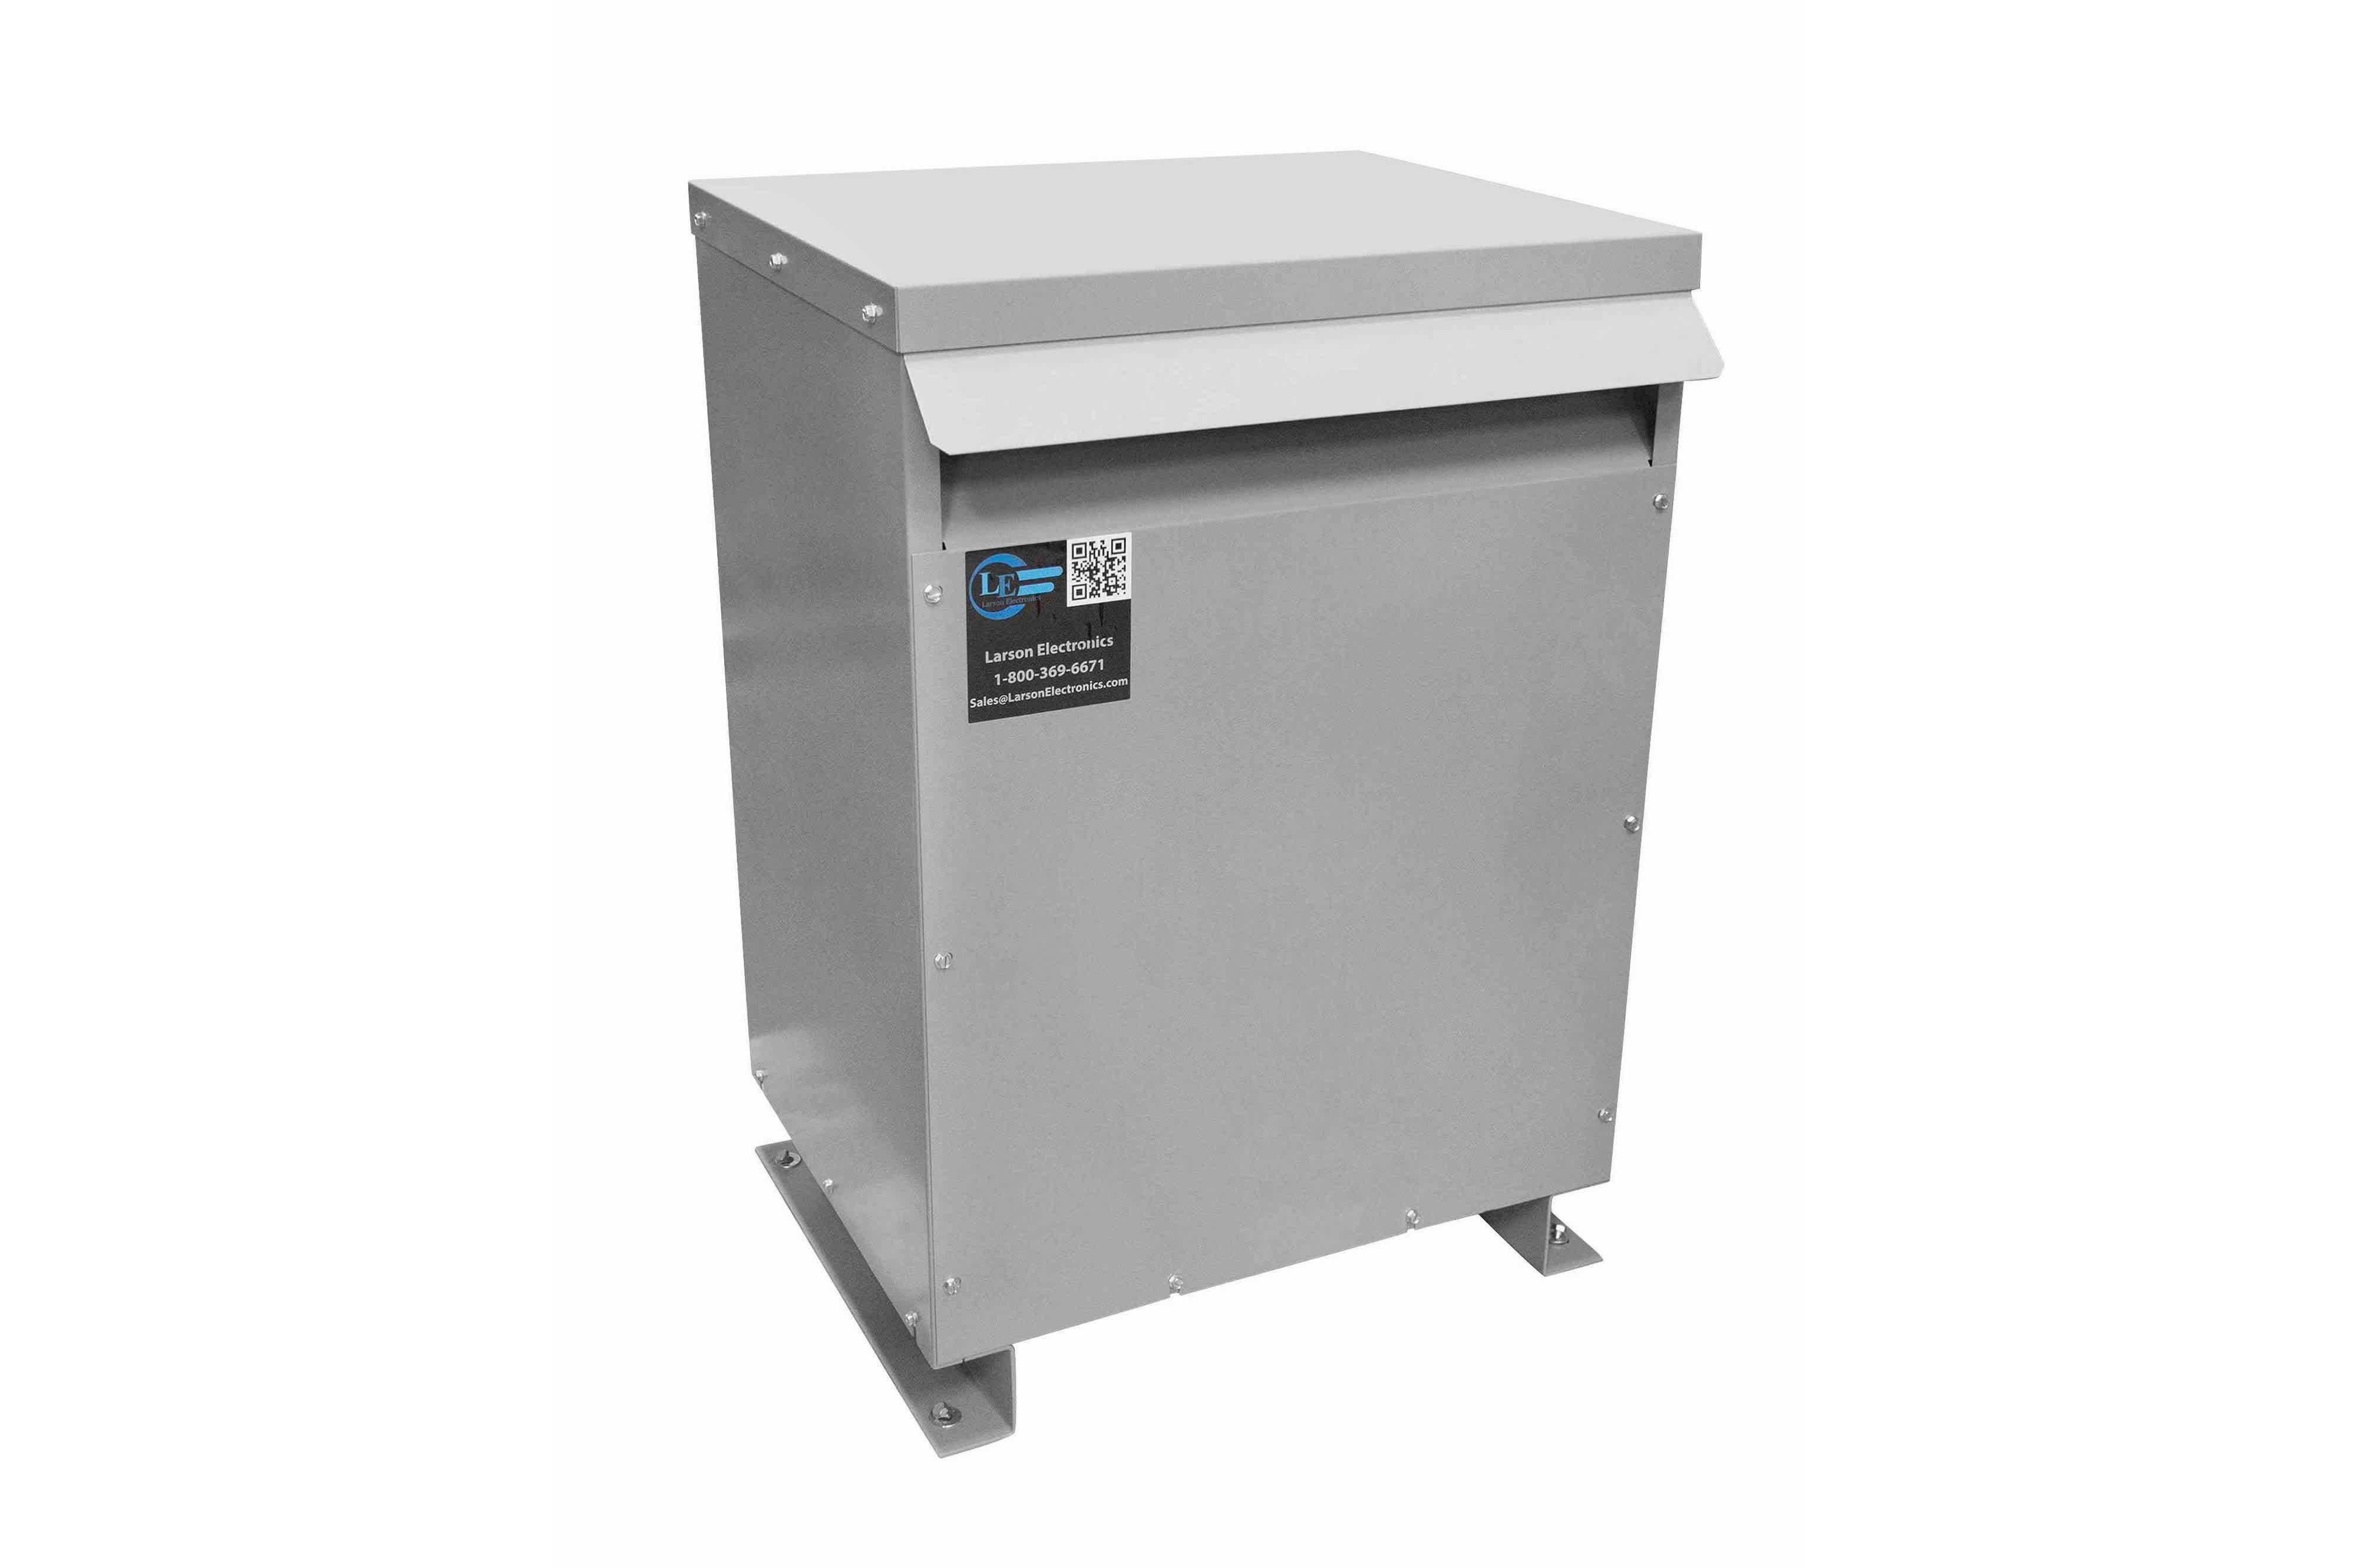 13 kVA 3PH Isolation Transformer, 460V Delta Primary, 380V Delta Secondary, N3R, Ventilated, 60 Hz